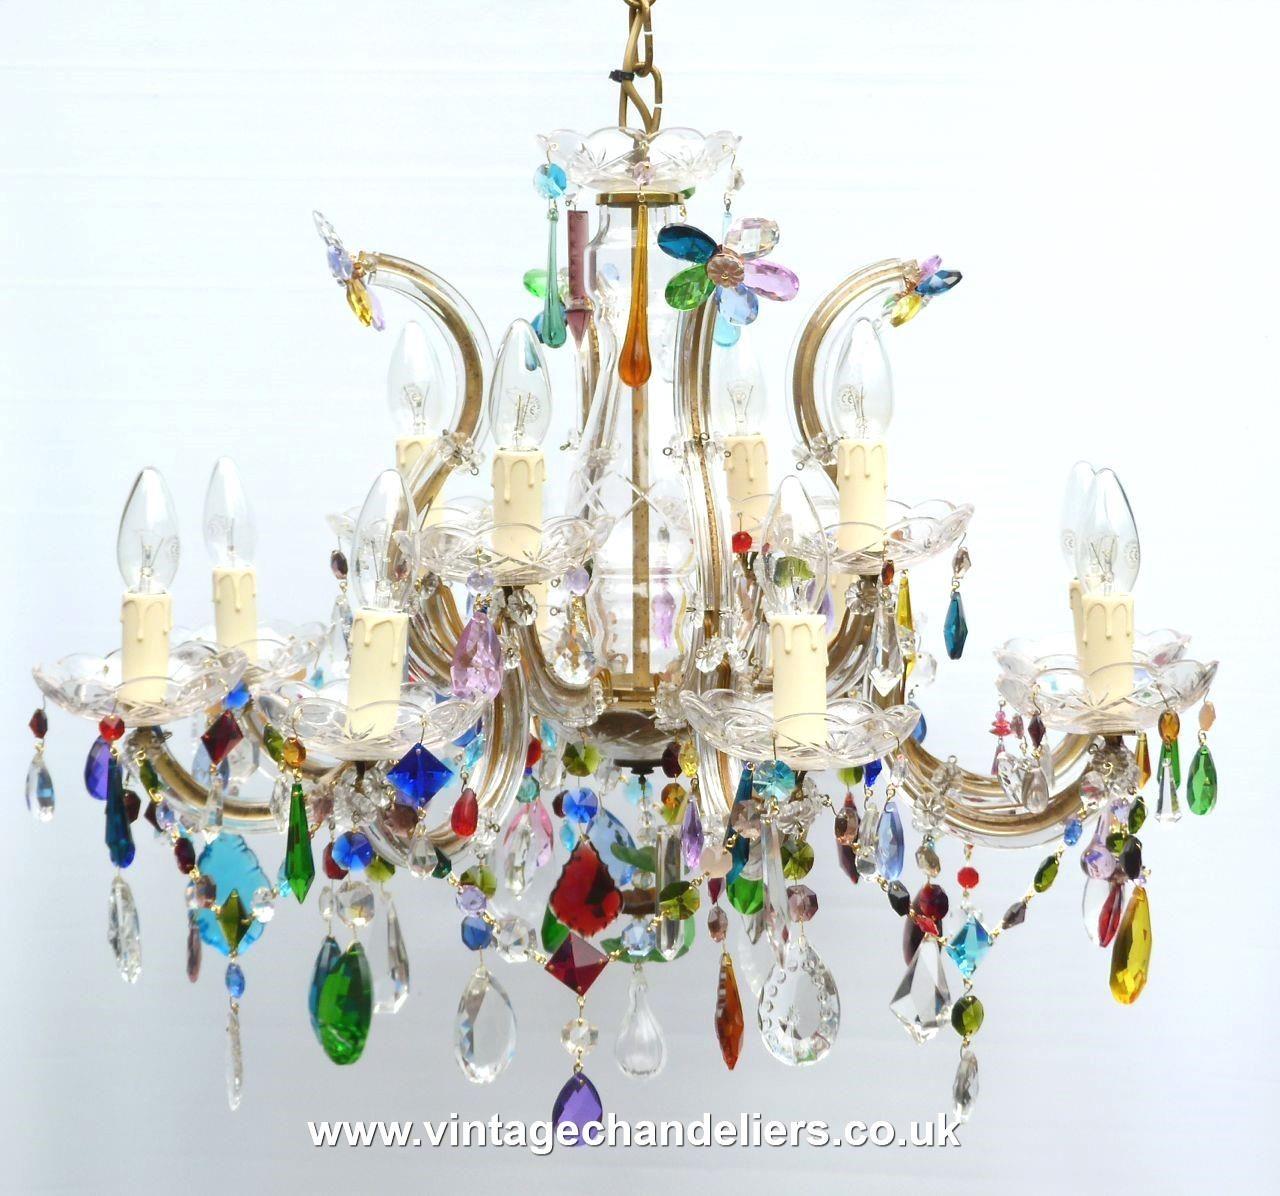 Chandeliers honeyb colouredchandelier multicolouredchandelier chandeliers honeyb colouredchandelier multicolouredchandelier vintagechandelier antiquechandelier eclectic chandelier arubaitofo Gallery